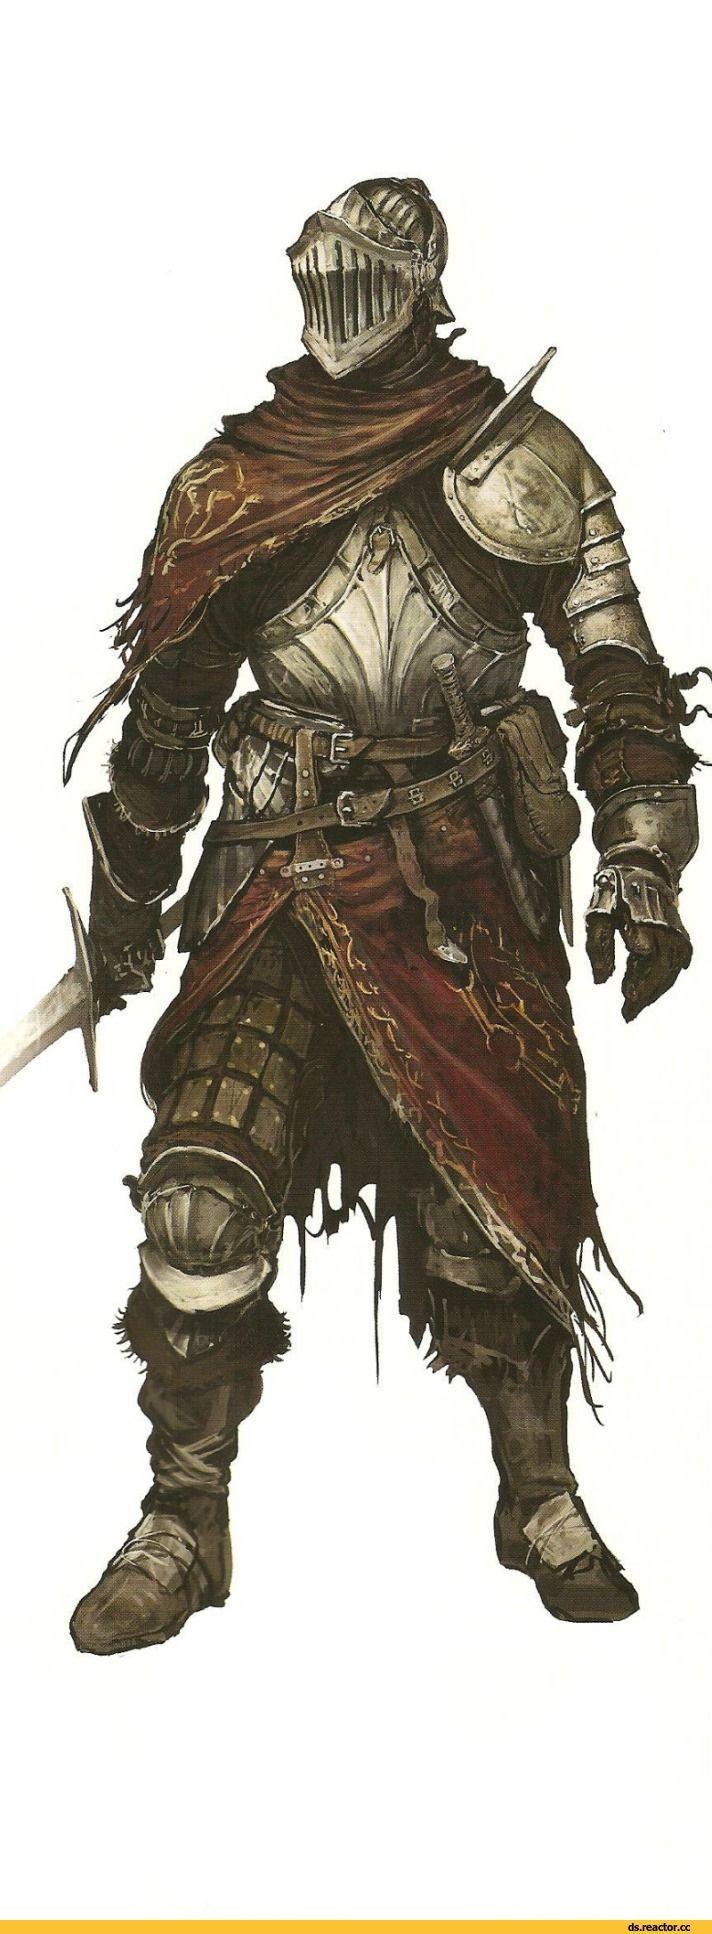 art,арт,красивые картинки,рыцарь,Dark Souls 2,Dark Souls,фэндомы